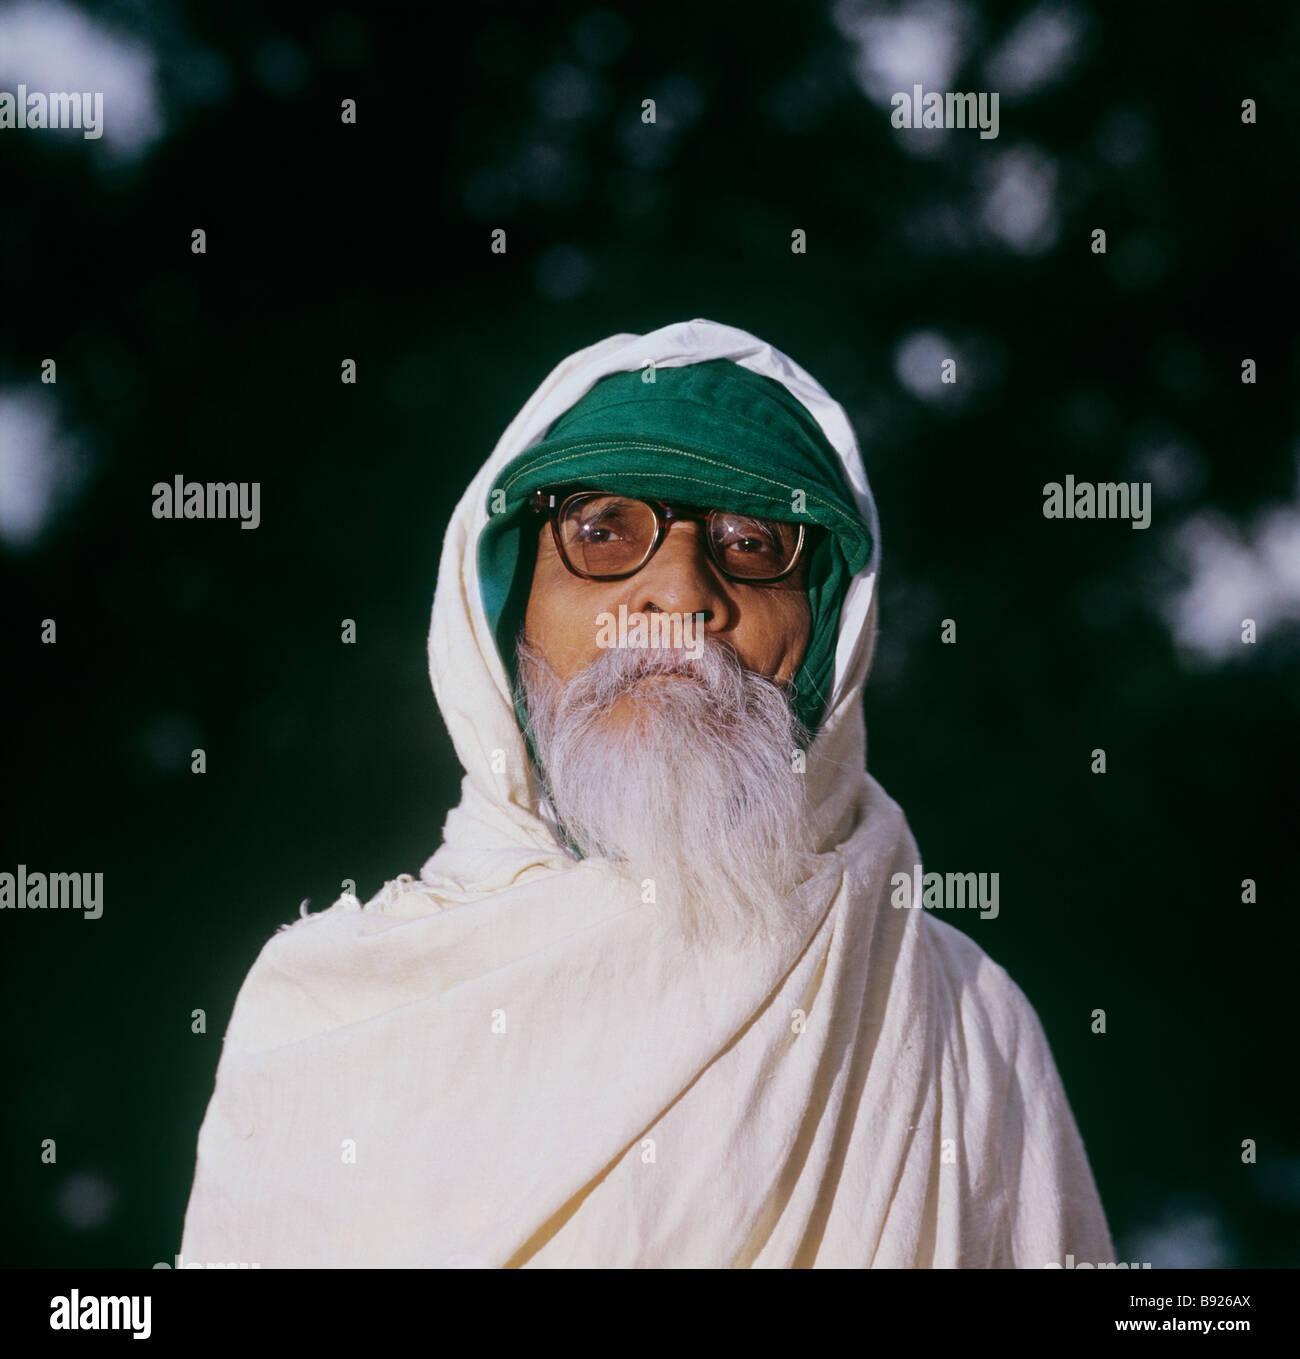 Vinoba Bhave, connazionale al Mahatma Gandhi, l uomo che ha camminato in tutta l India a chiedere per terra per Immagini Stock